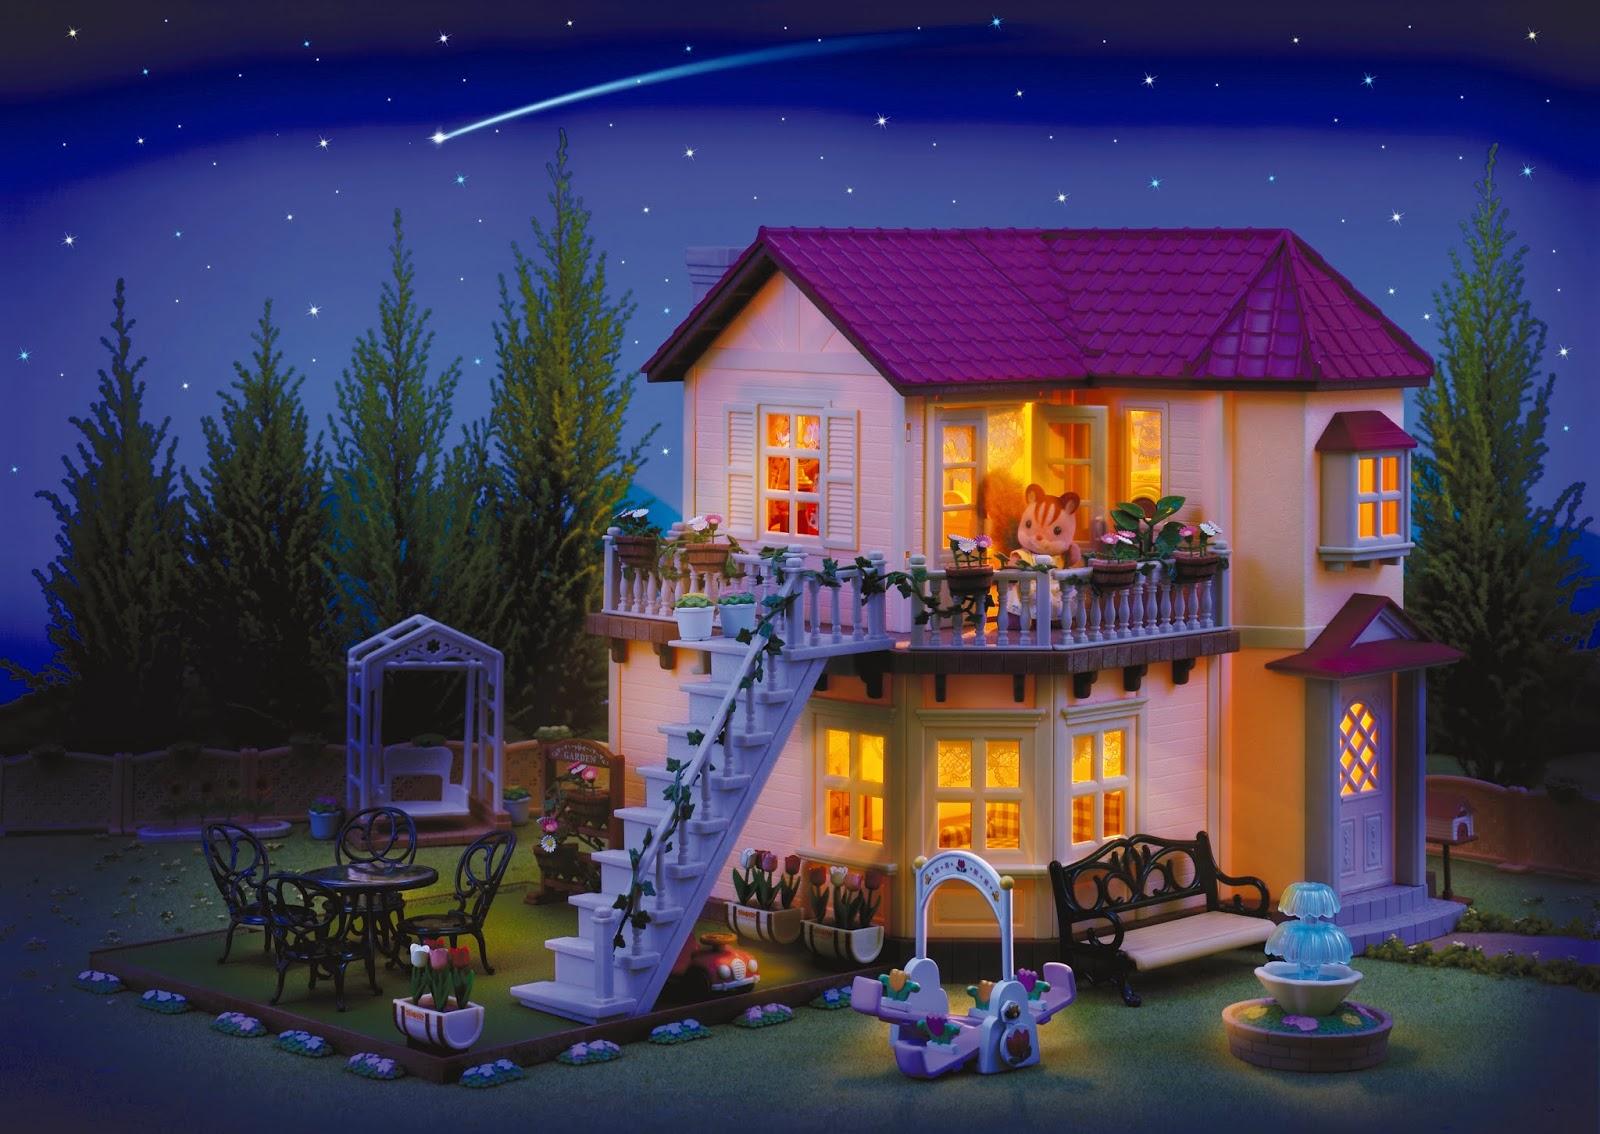 ışıklı şehir evi